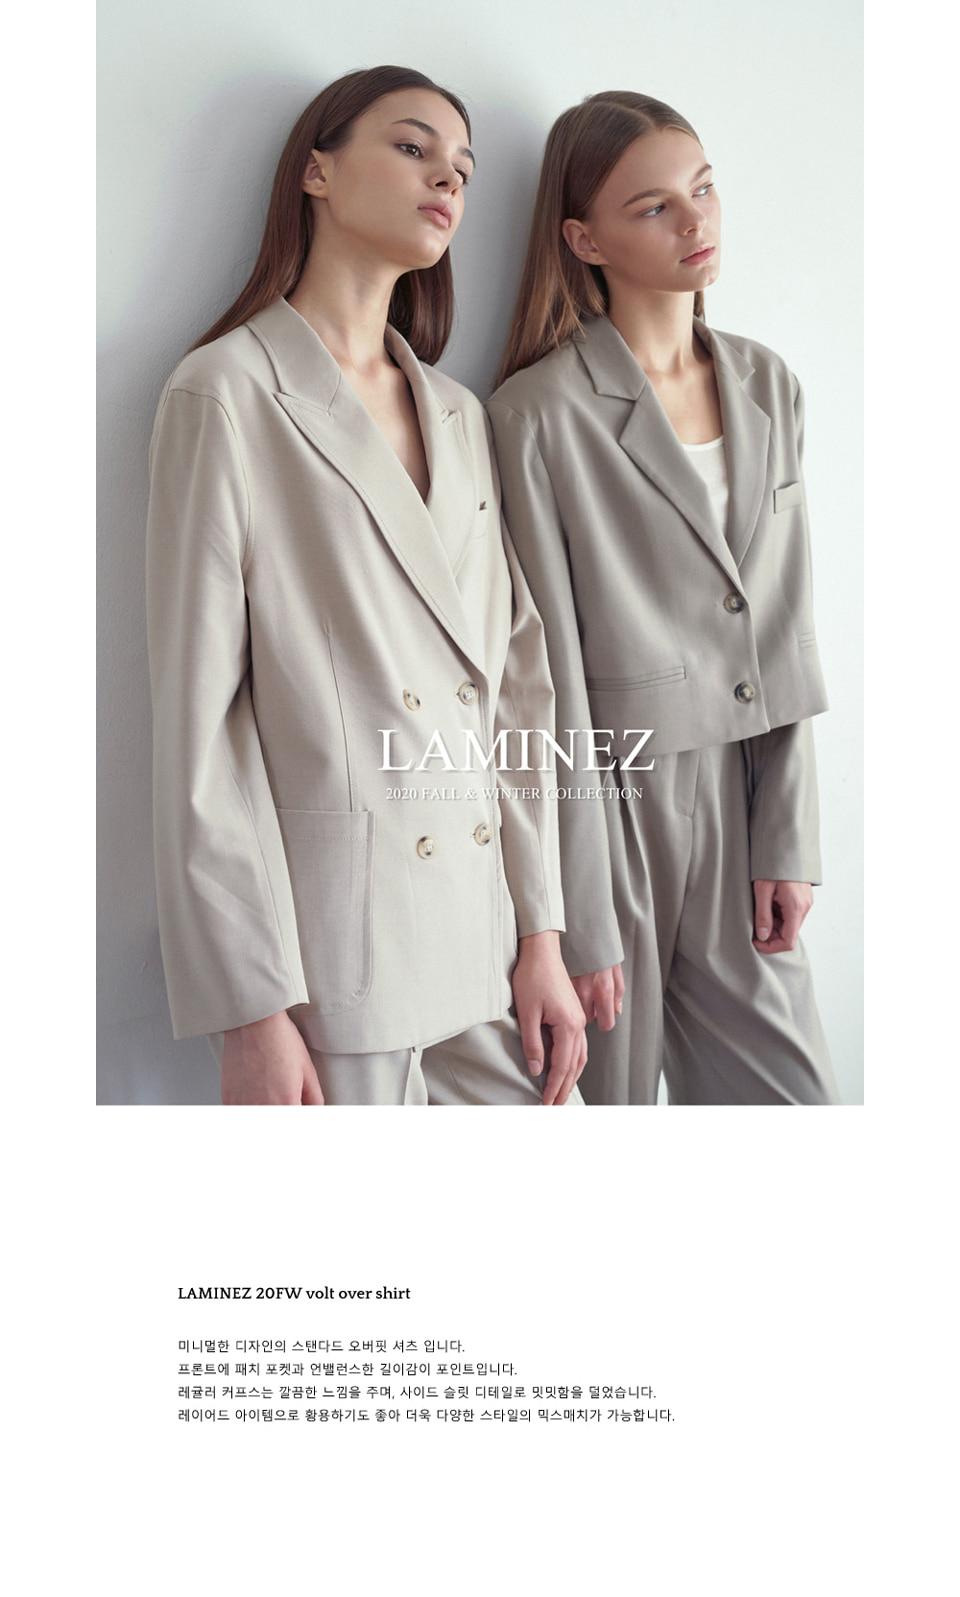 라미네즈(LAMINEZ) 20FW 볼트 오버 셔츠 - 아이보리